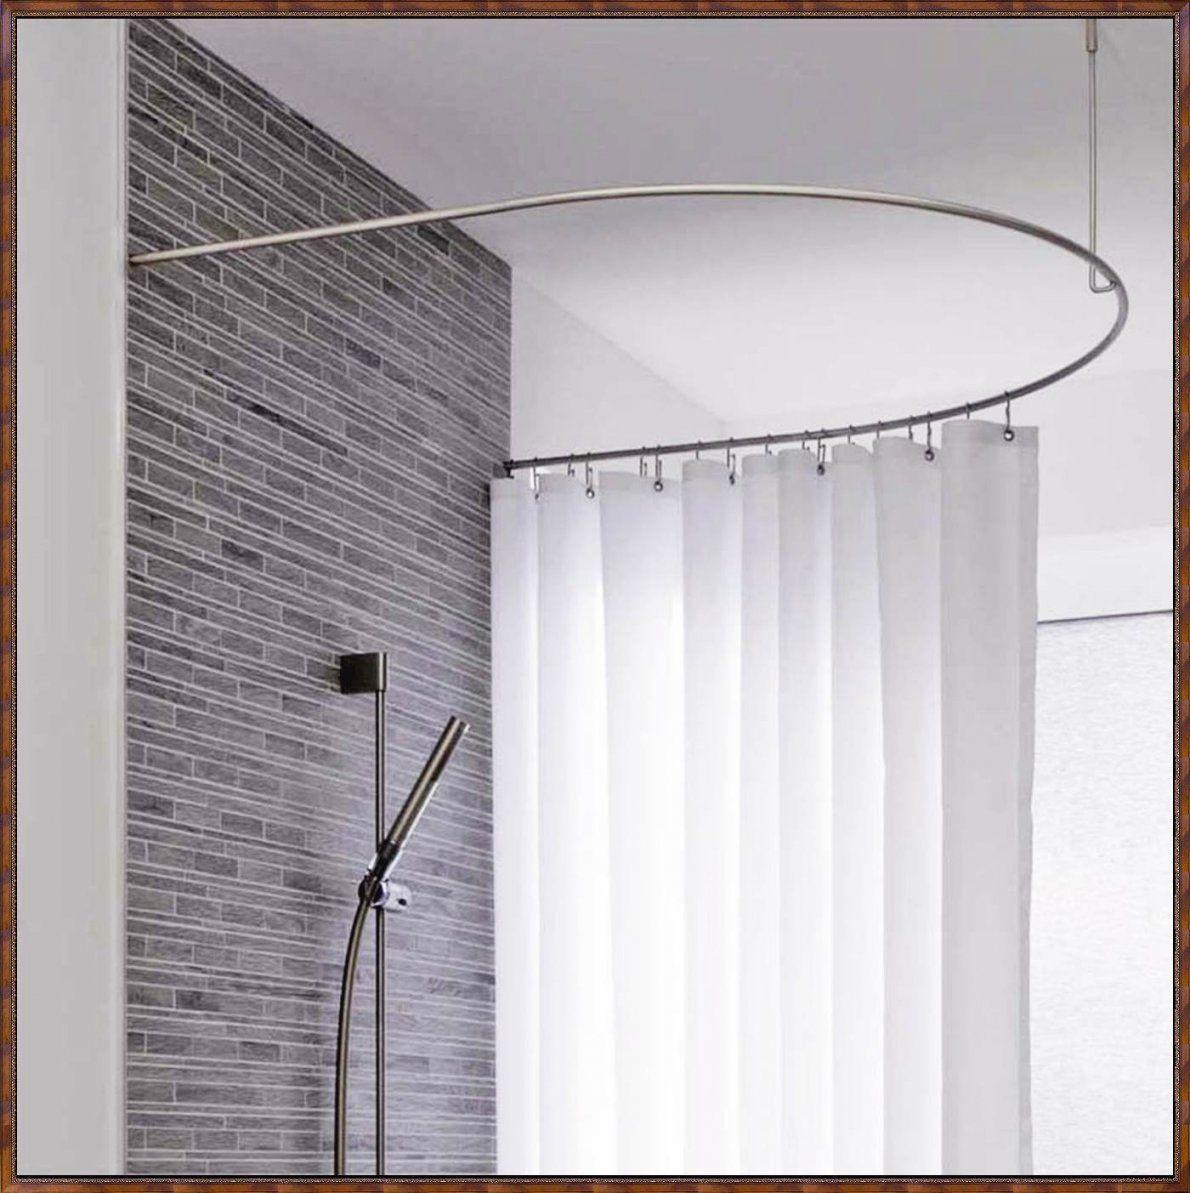 Duschvorhangstange Uform  Die Schönsten Einrichtungsideen von Duschvorhangstange L Form Badewanne Photo